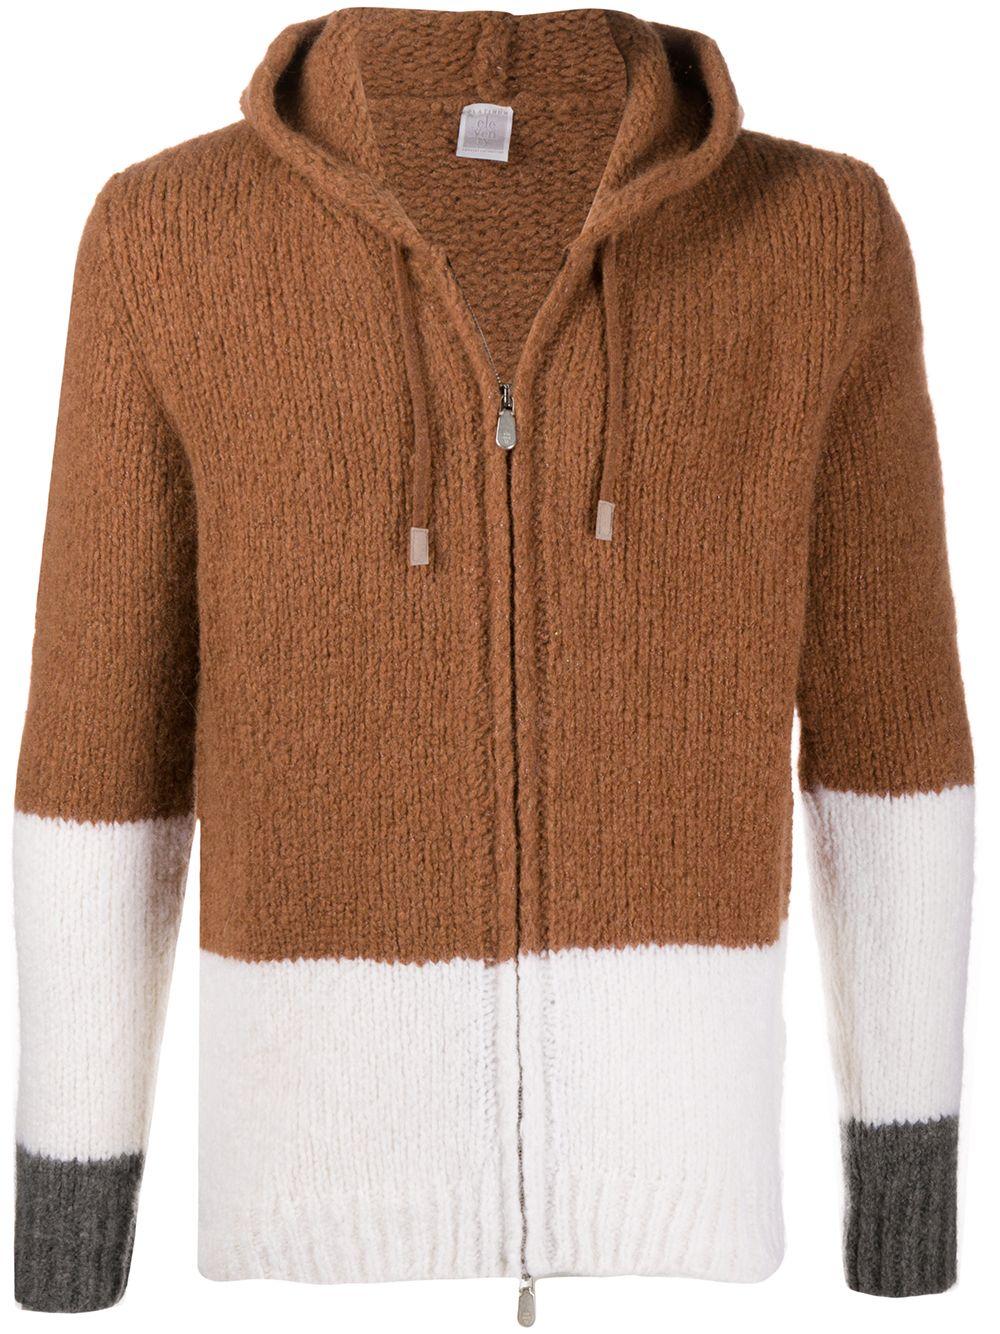 Maglione con zip a blocchi di colore in misto cashmere e alpaca-seta marrone bianco e grigio ELEVENTY | Cardigan | B76MAGAB20-MAG0B01504